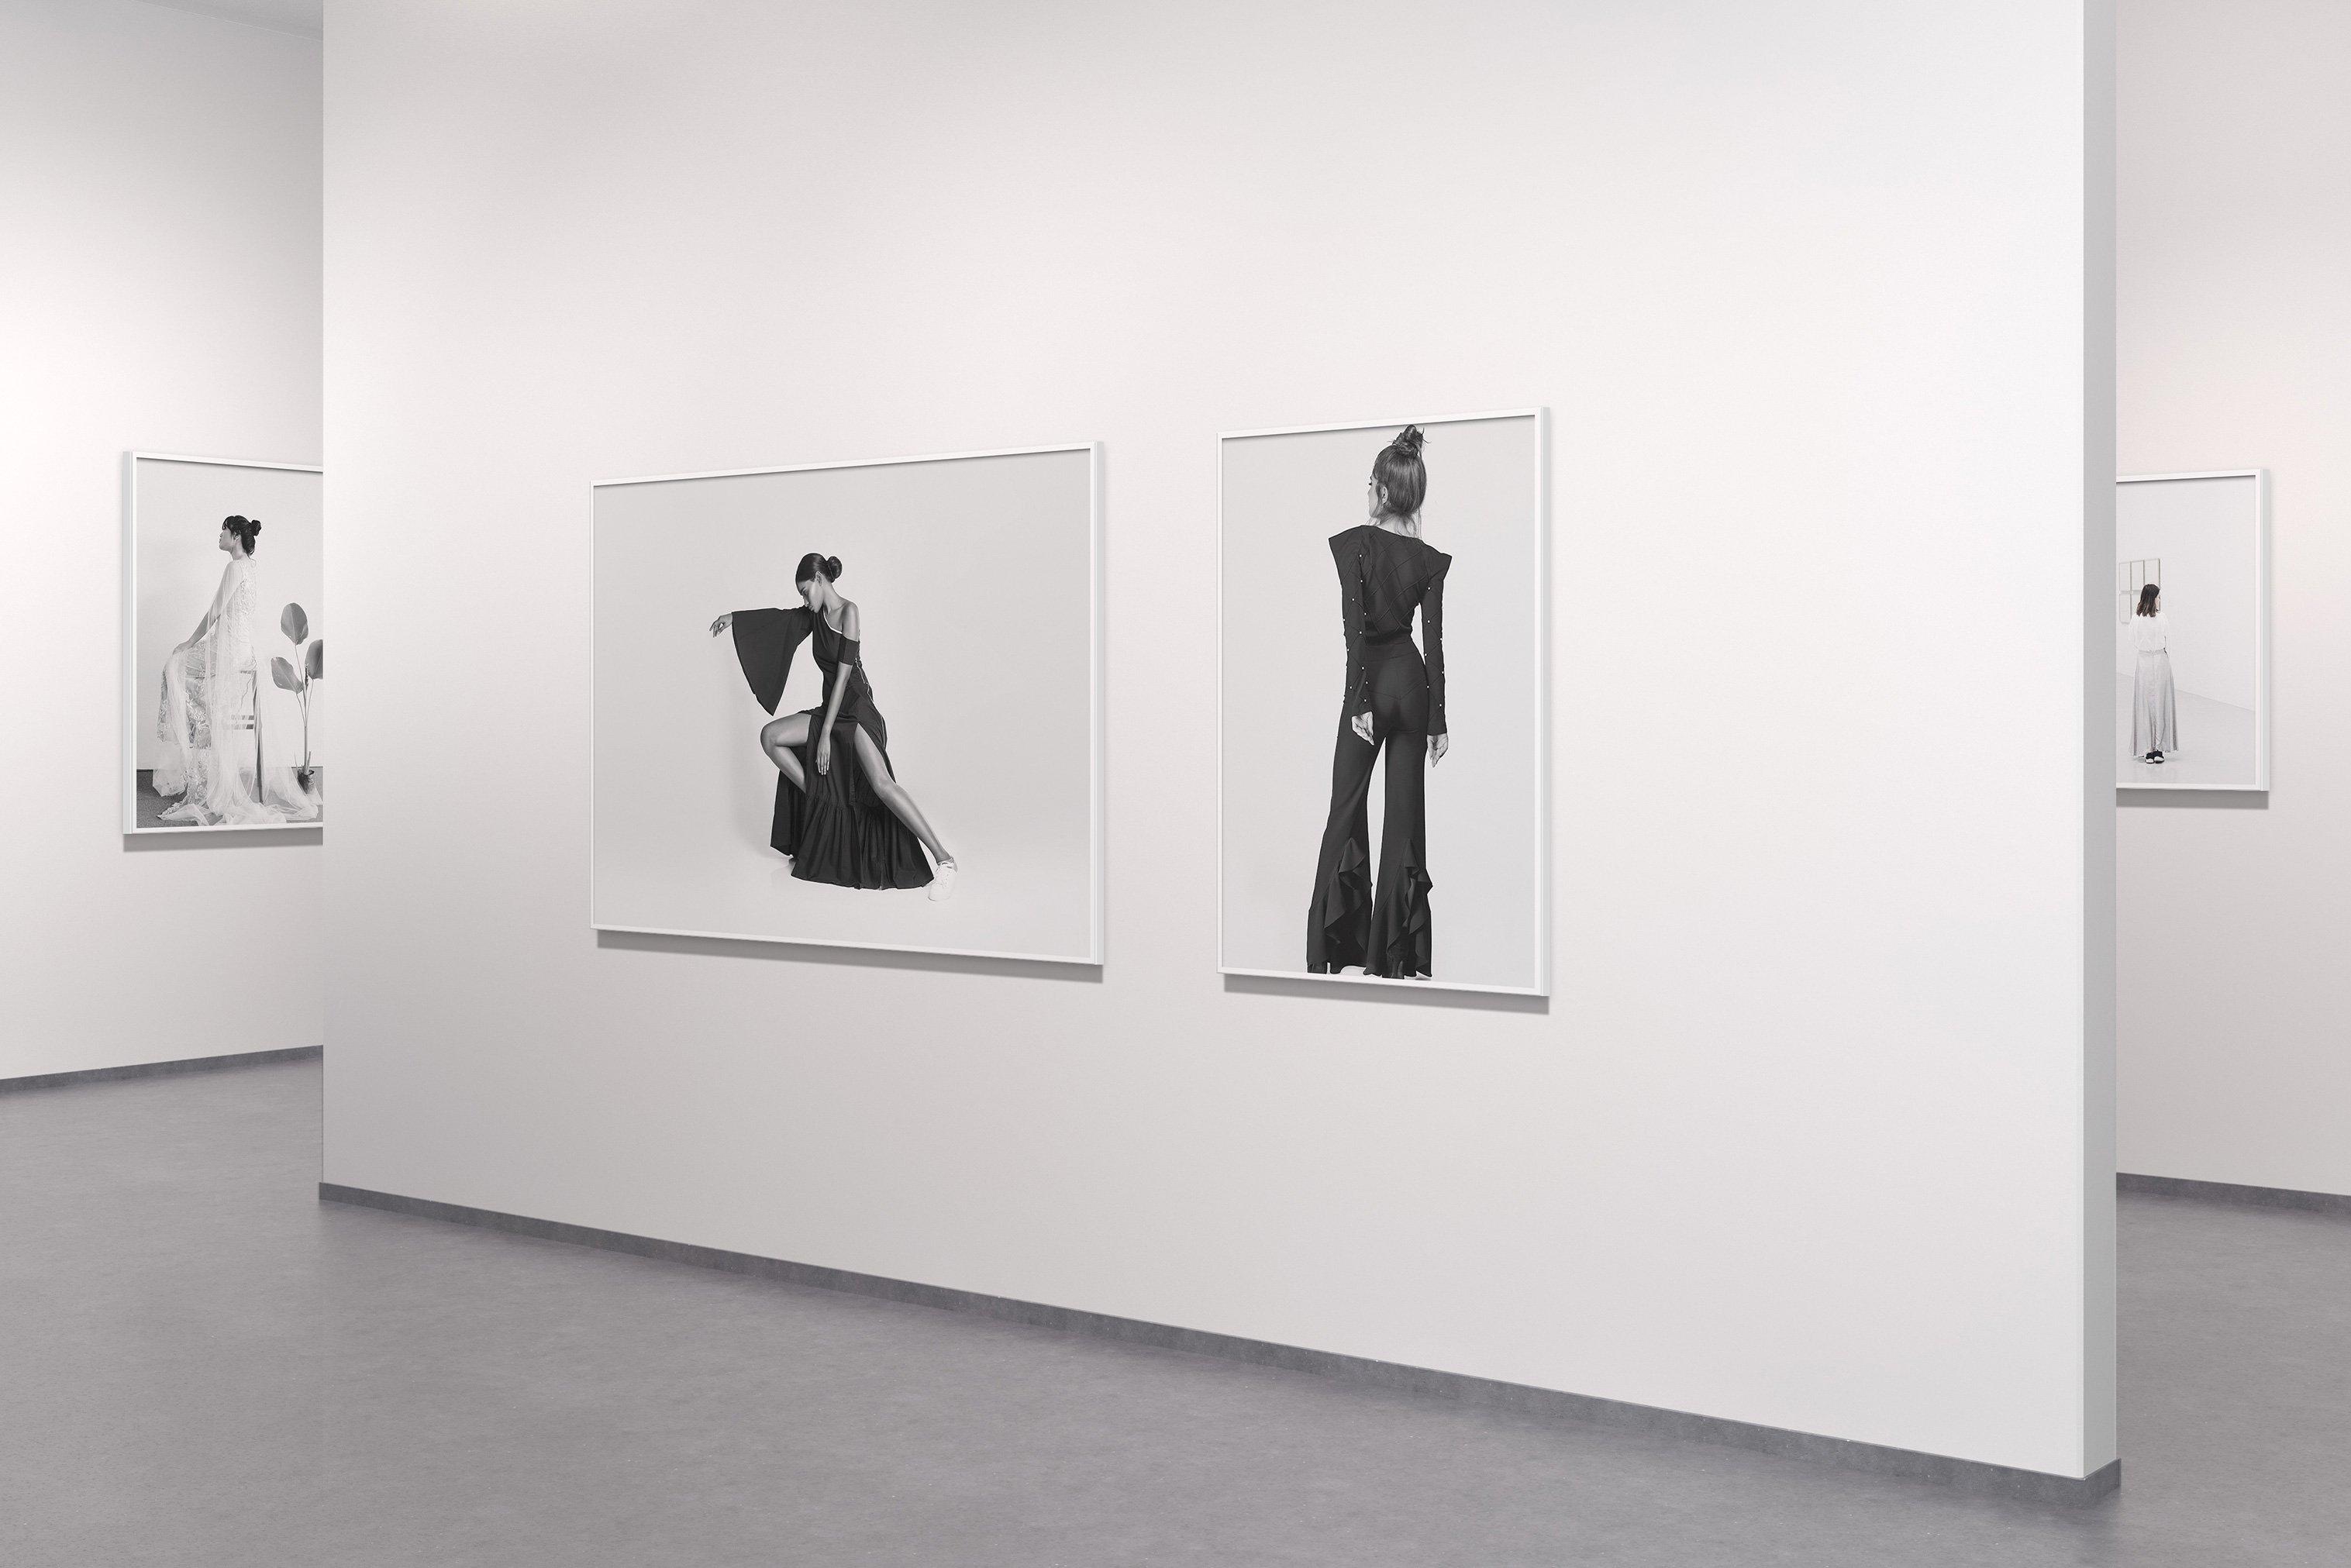 美术馆绘画艺术品相片展示样机模板 Art Gallery Mockup插图(8)